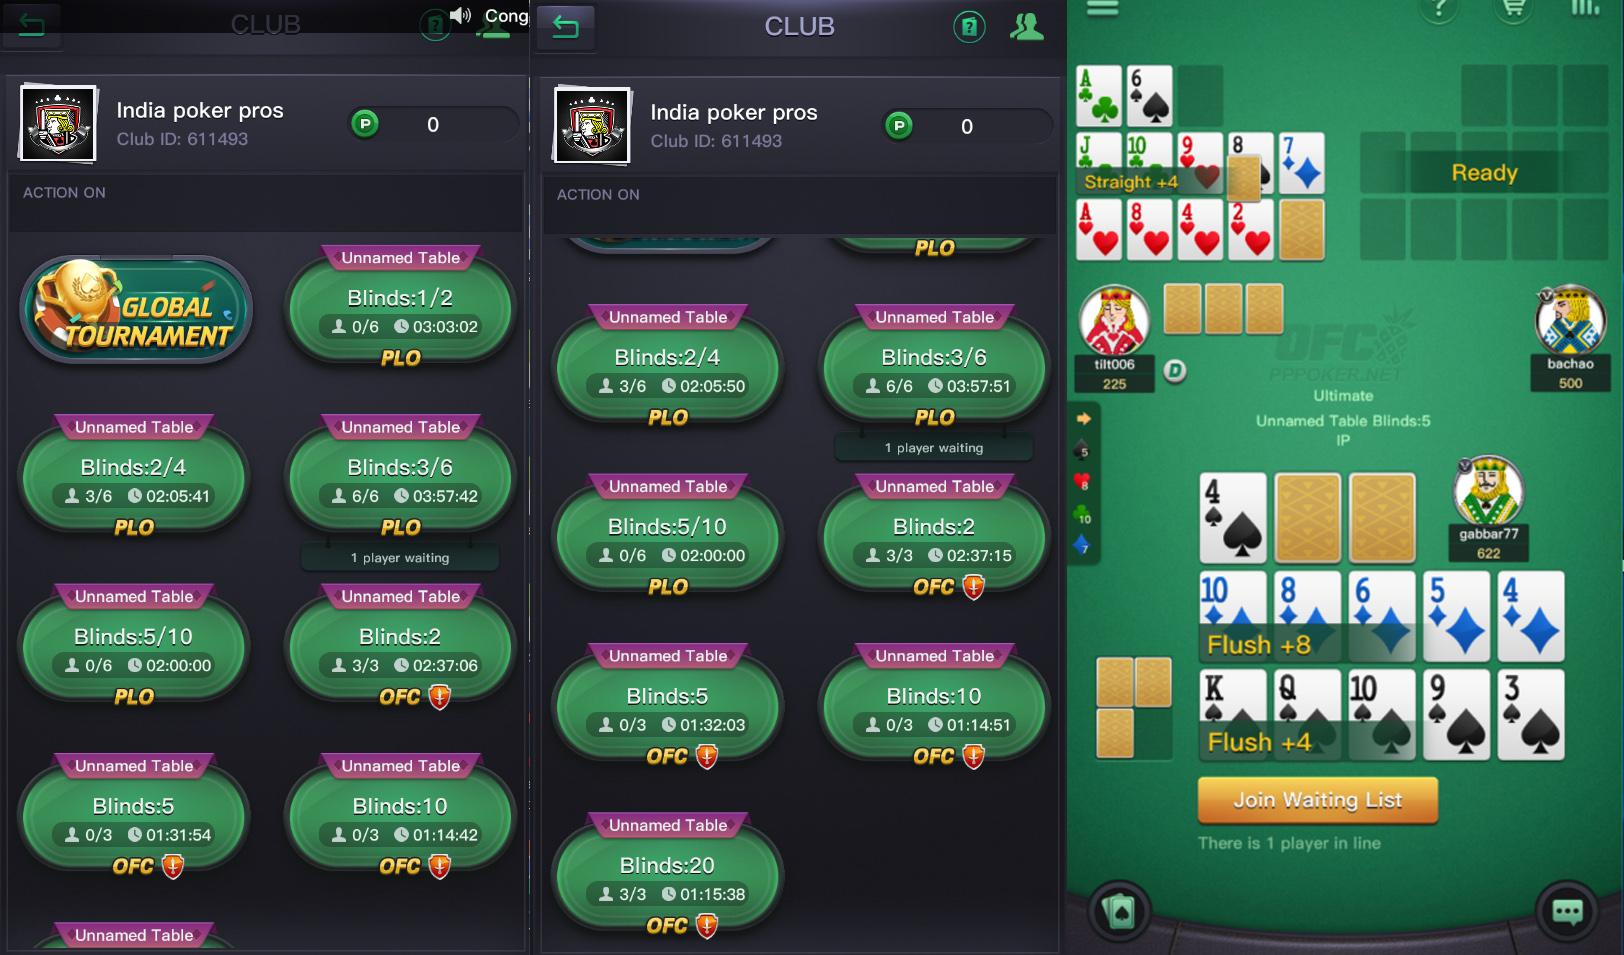 India poker pros